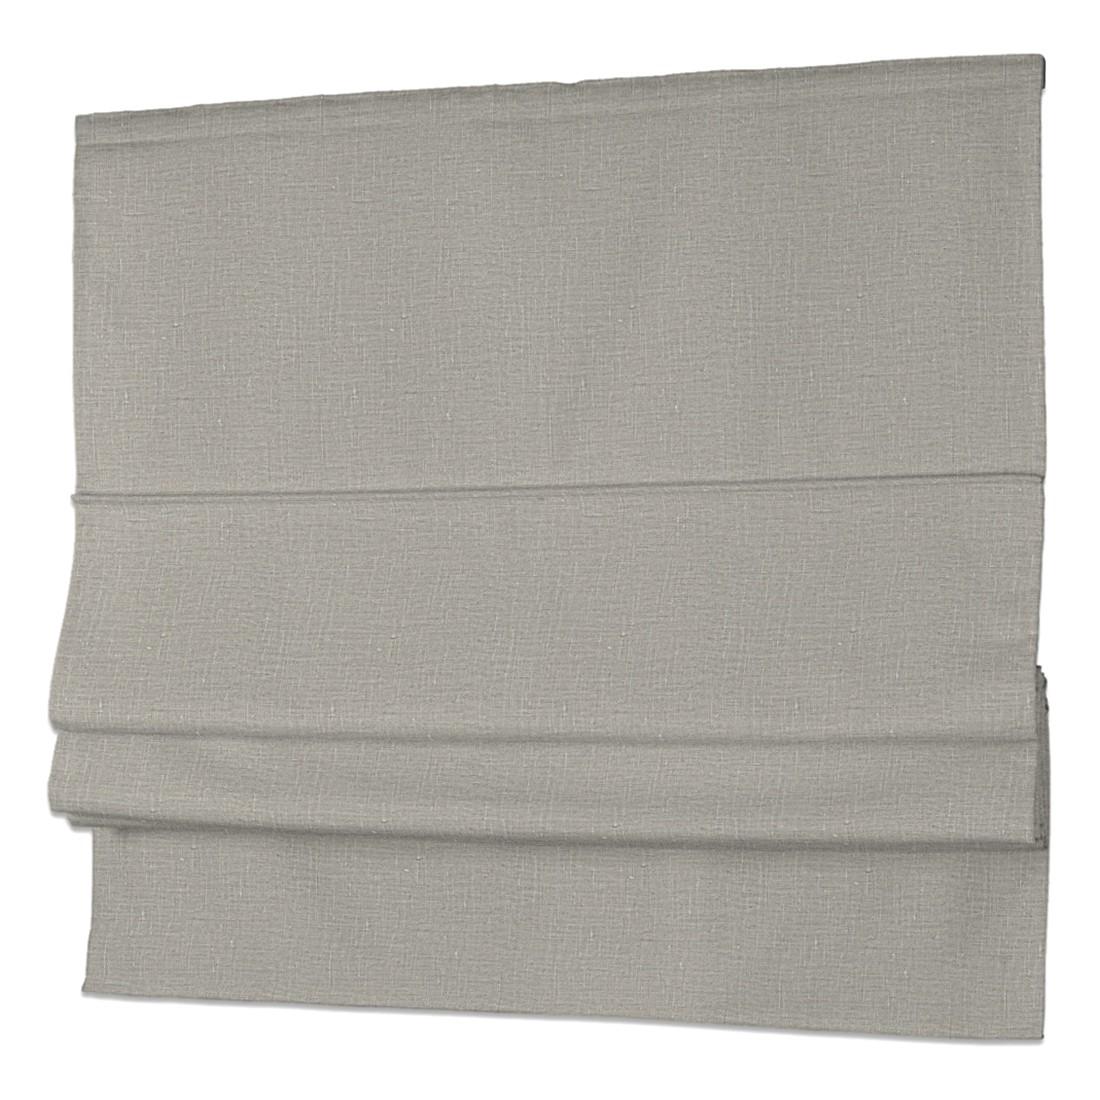 raffrollo breite 160 great dekoria raffrollo linen beige x cm dekoria with raffrollo breite 160. Black Bedroom Furniture Sets. Home Design Ideas